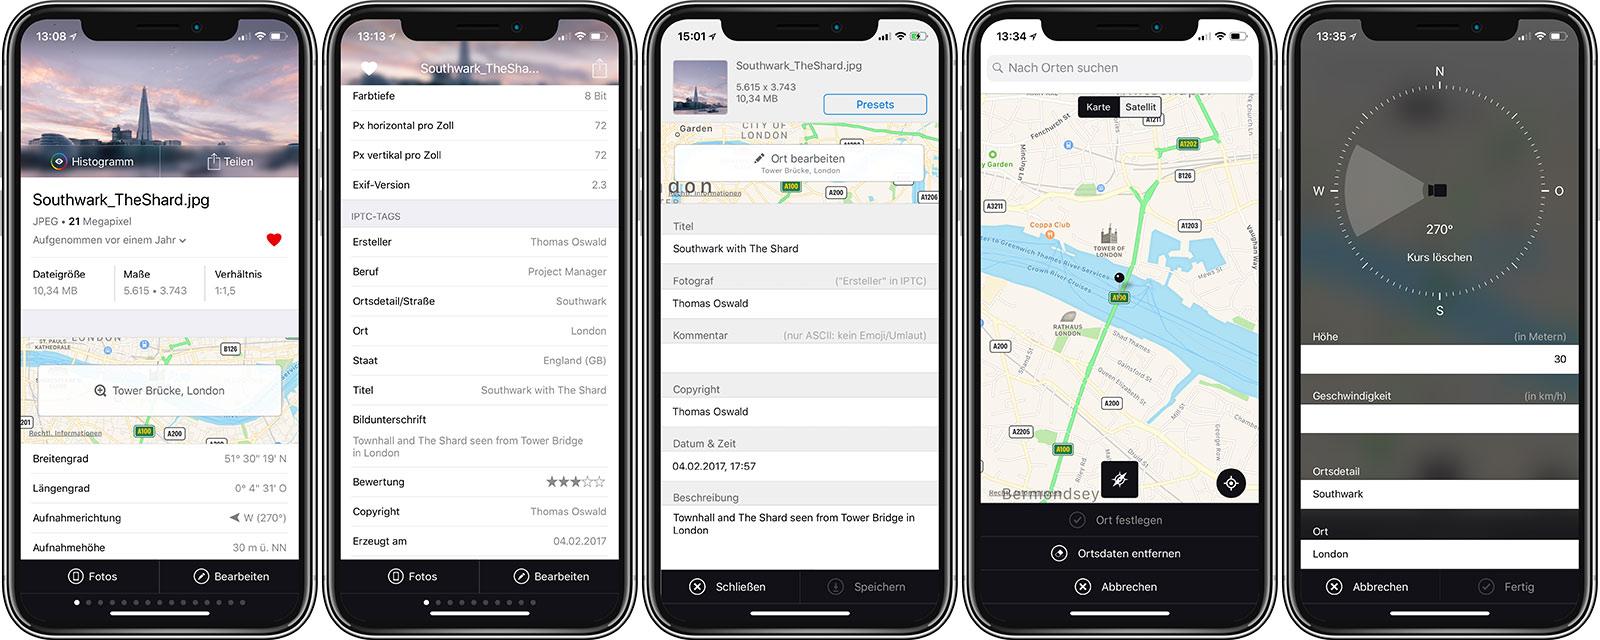 Fünf Screenshots der Hauptfunktionen der neuesten Version meiner iPhone App imagExif